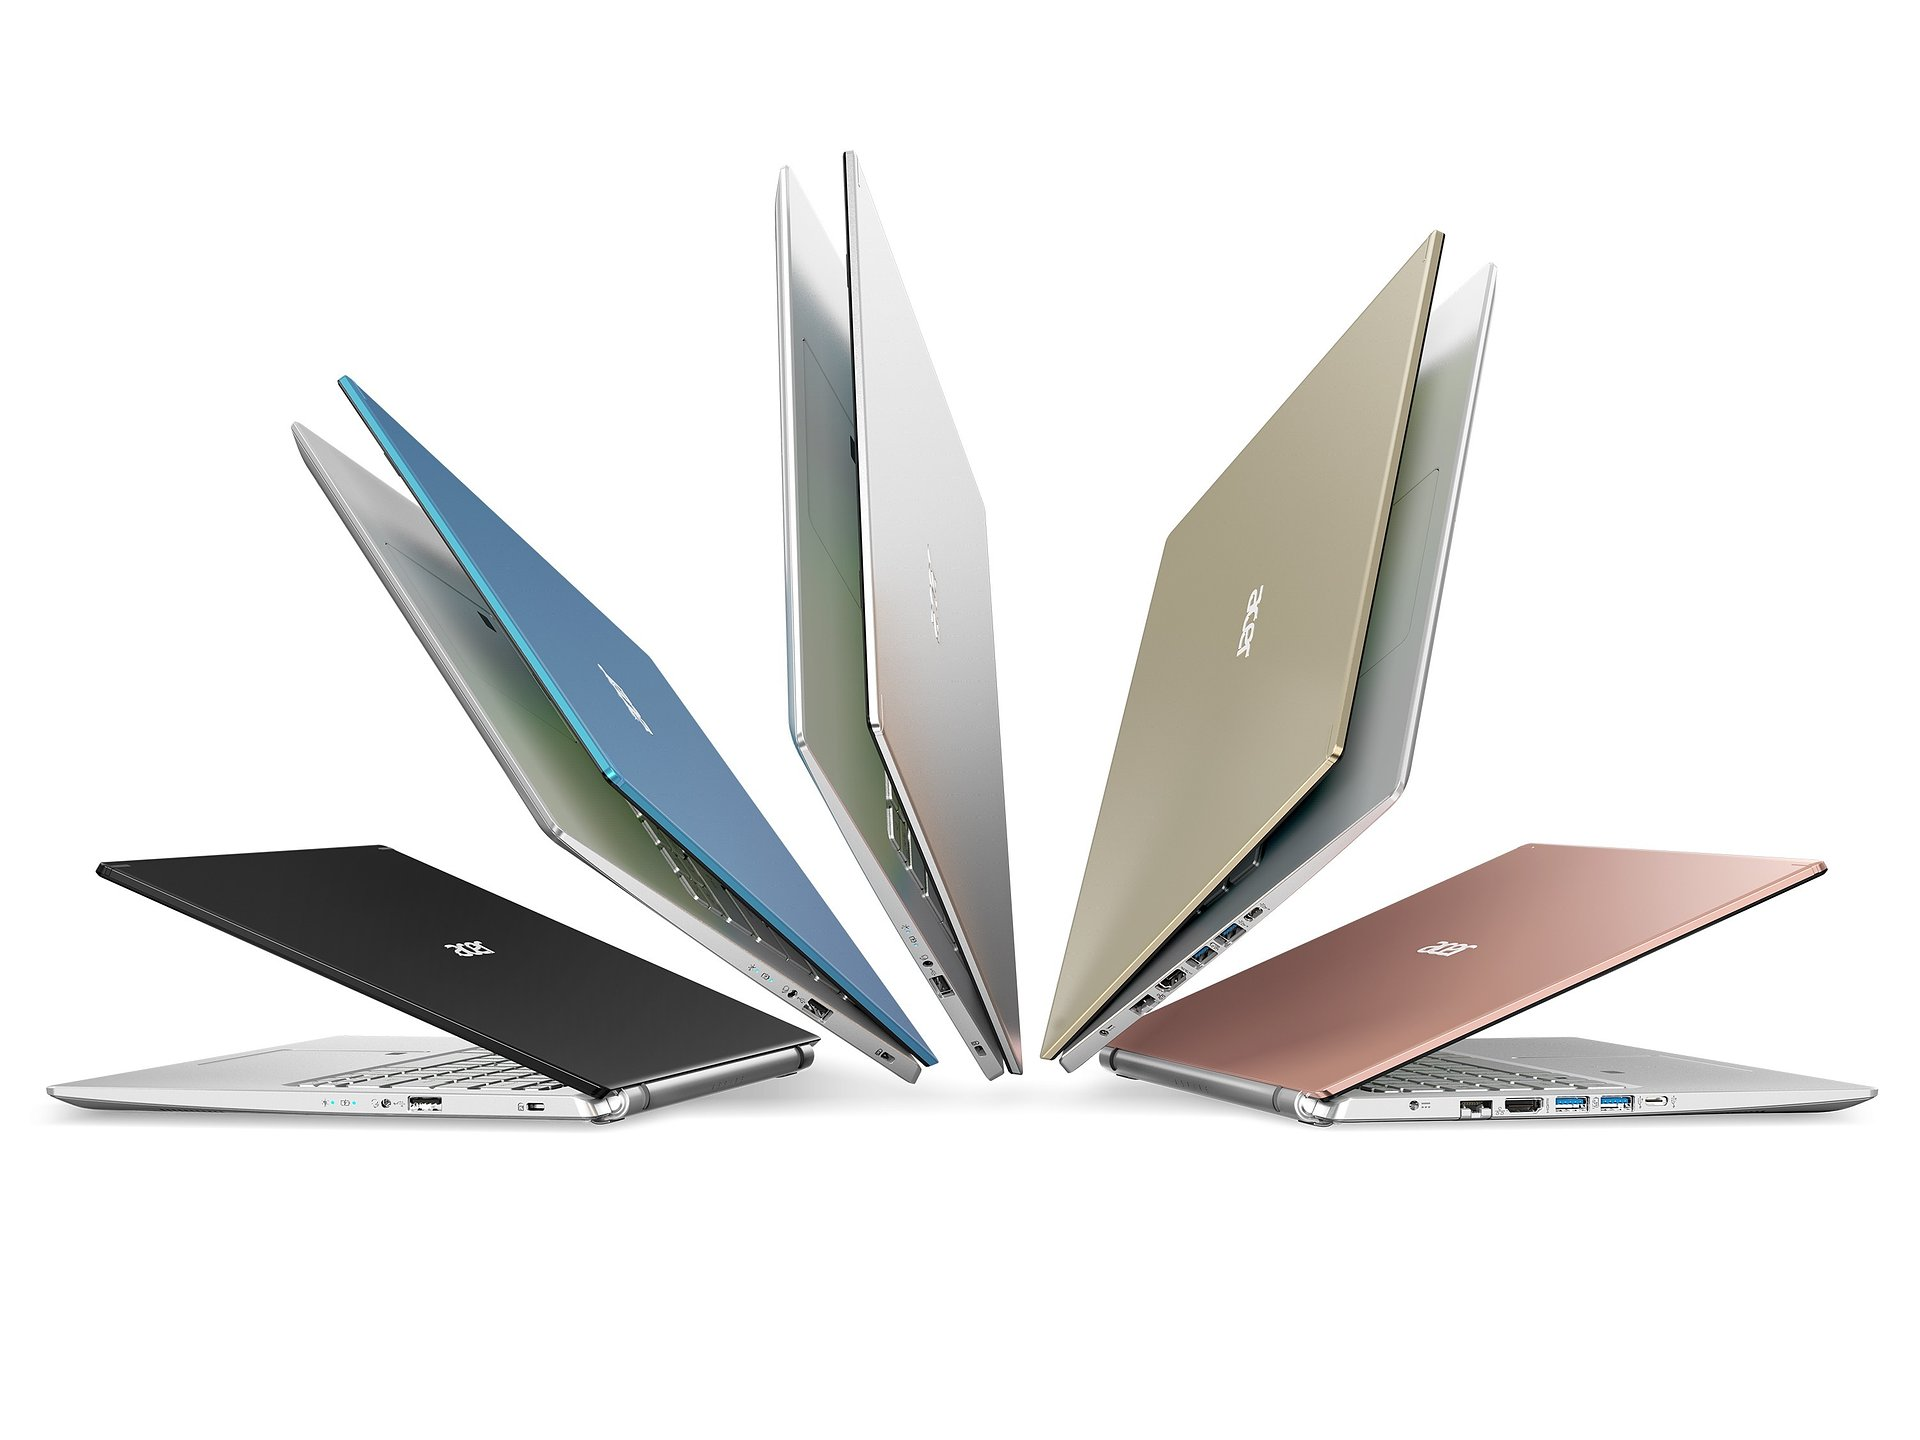 Acer ogłasza najnowsze linie notebooków konsumenckich z serii Swift, Spin i Aspire